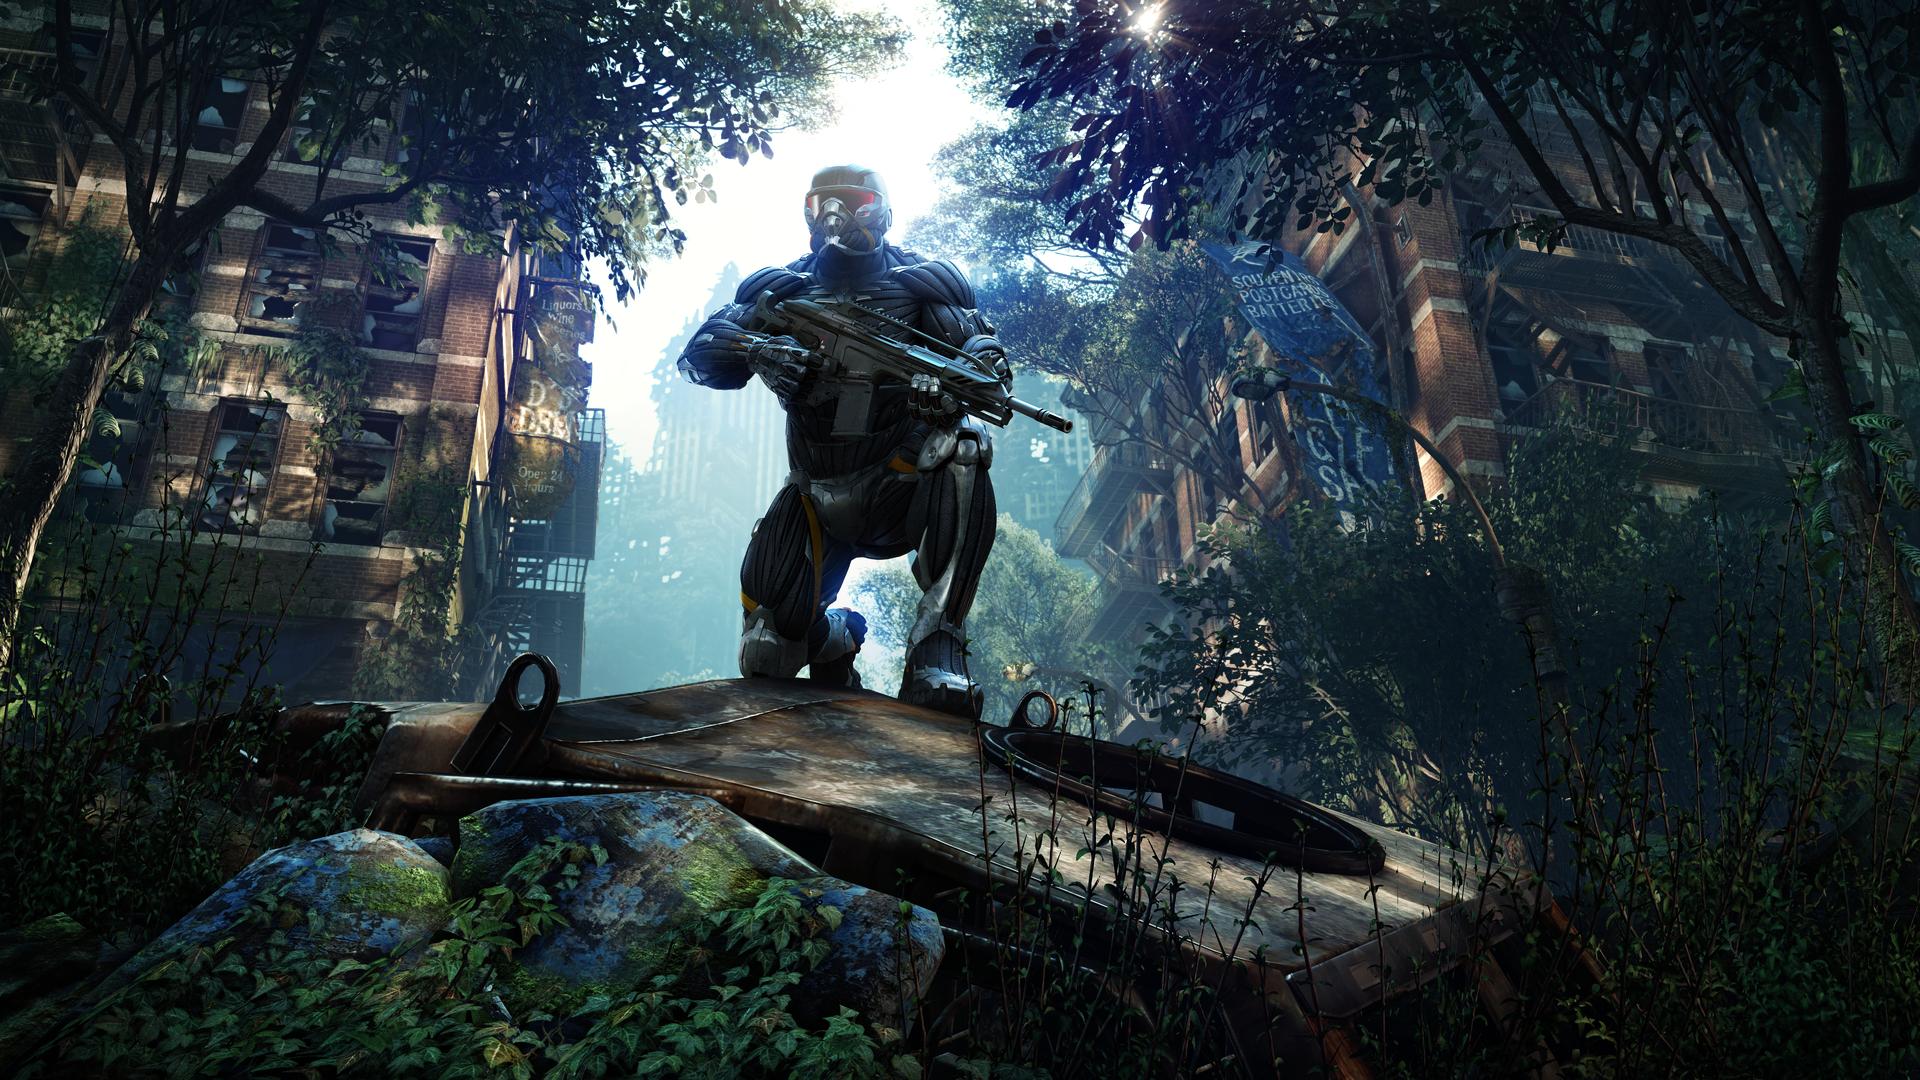 Crysis 4 Hakkında Tüm Bilinenler, Çıkış Tarihi